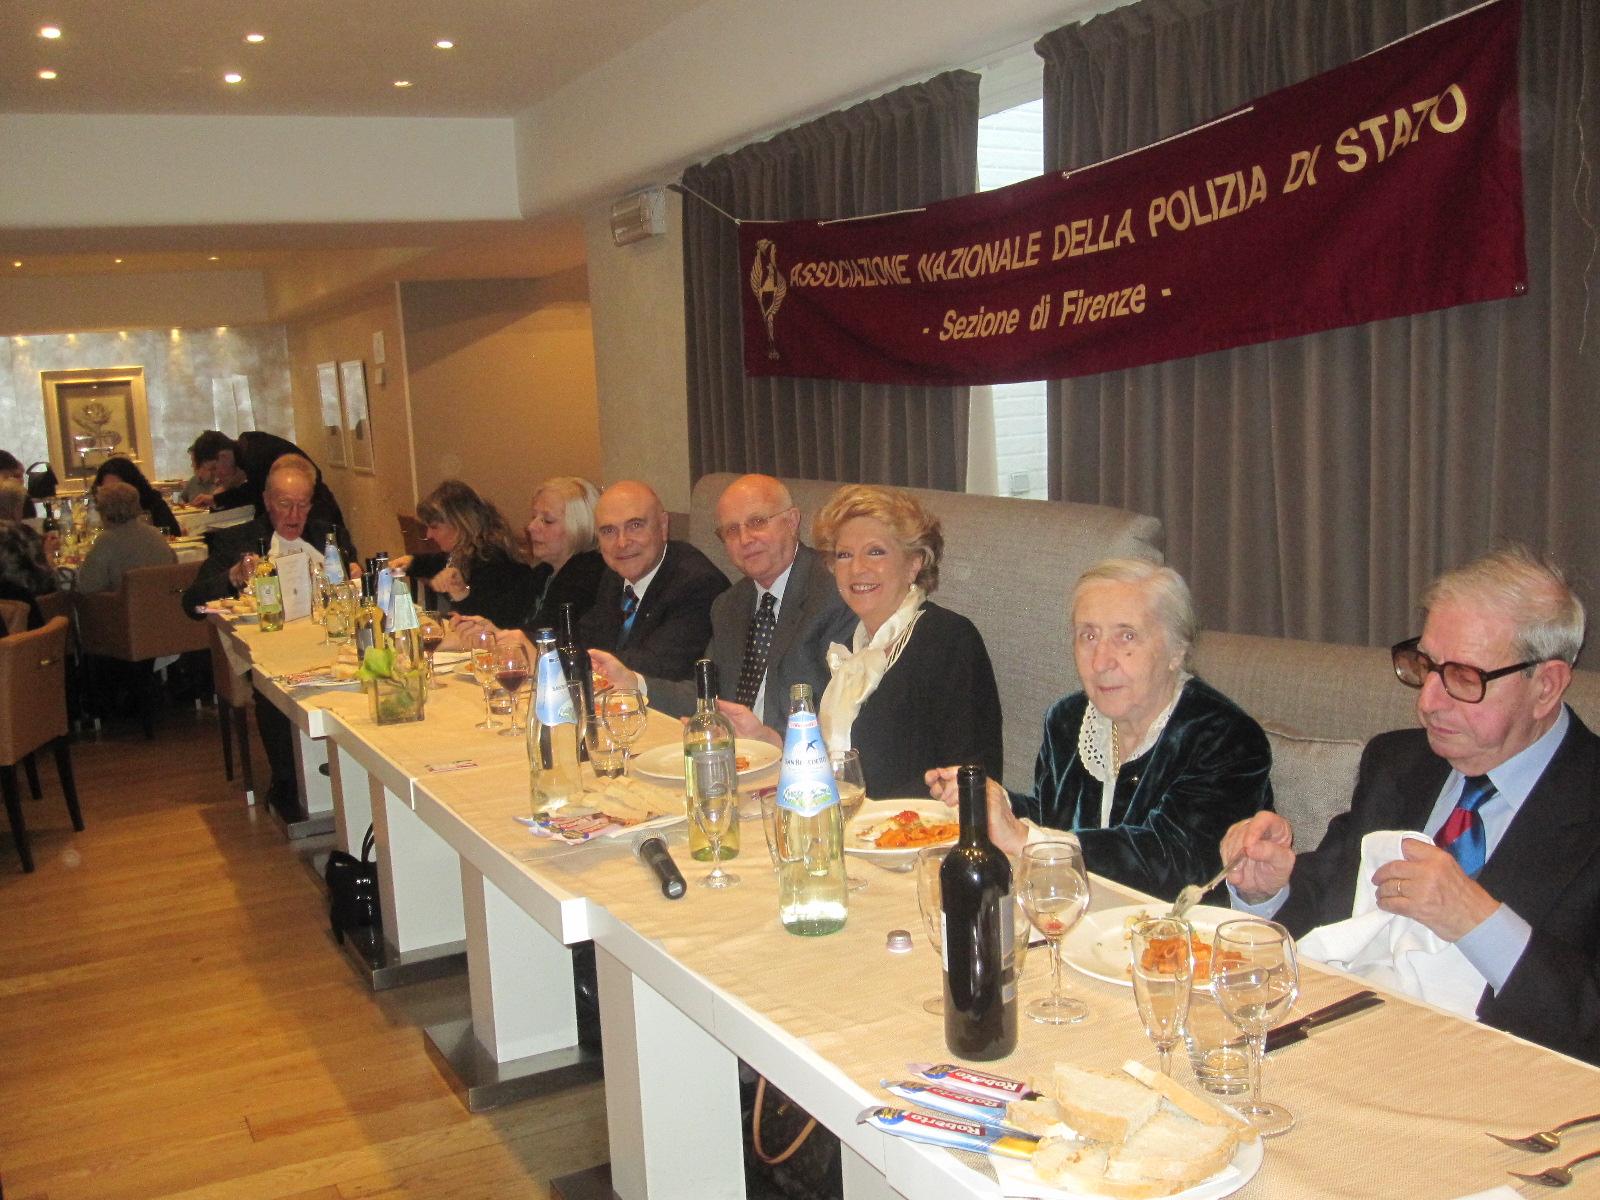 festa del socio 2012 (2)